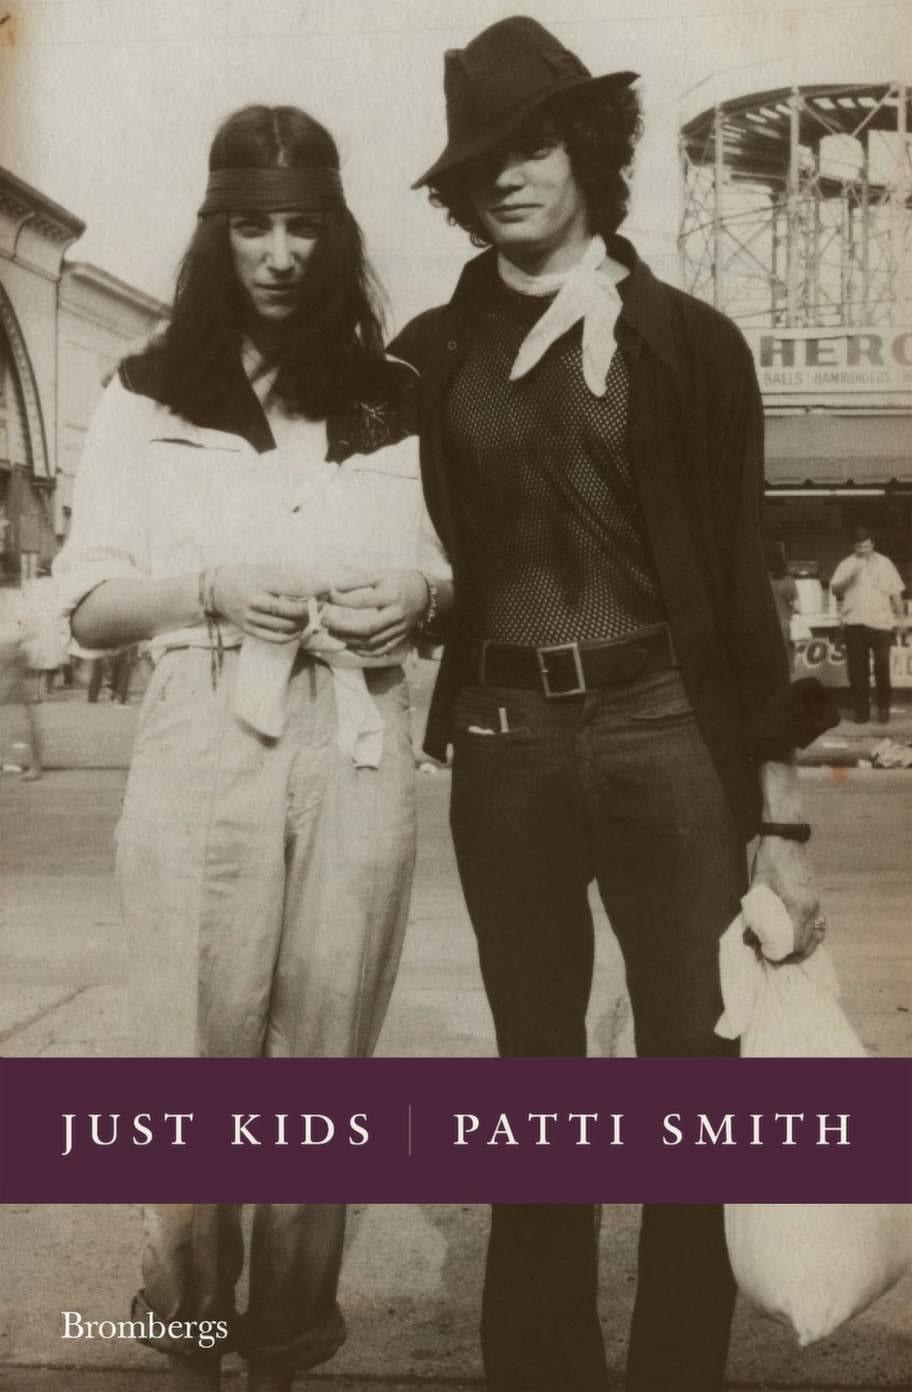 Just Kids av Patti Smith, Brombergs<br>En sirligt och vackert skriven biografi som beskriver artisten och poeten Patti Smiths liv tillsammans med sin själsfrände Robert Mapplethorpe. Ger en stilla och långsam läsupplevelse som både stressar av och väcker skaparlust.